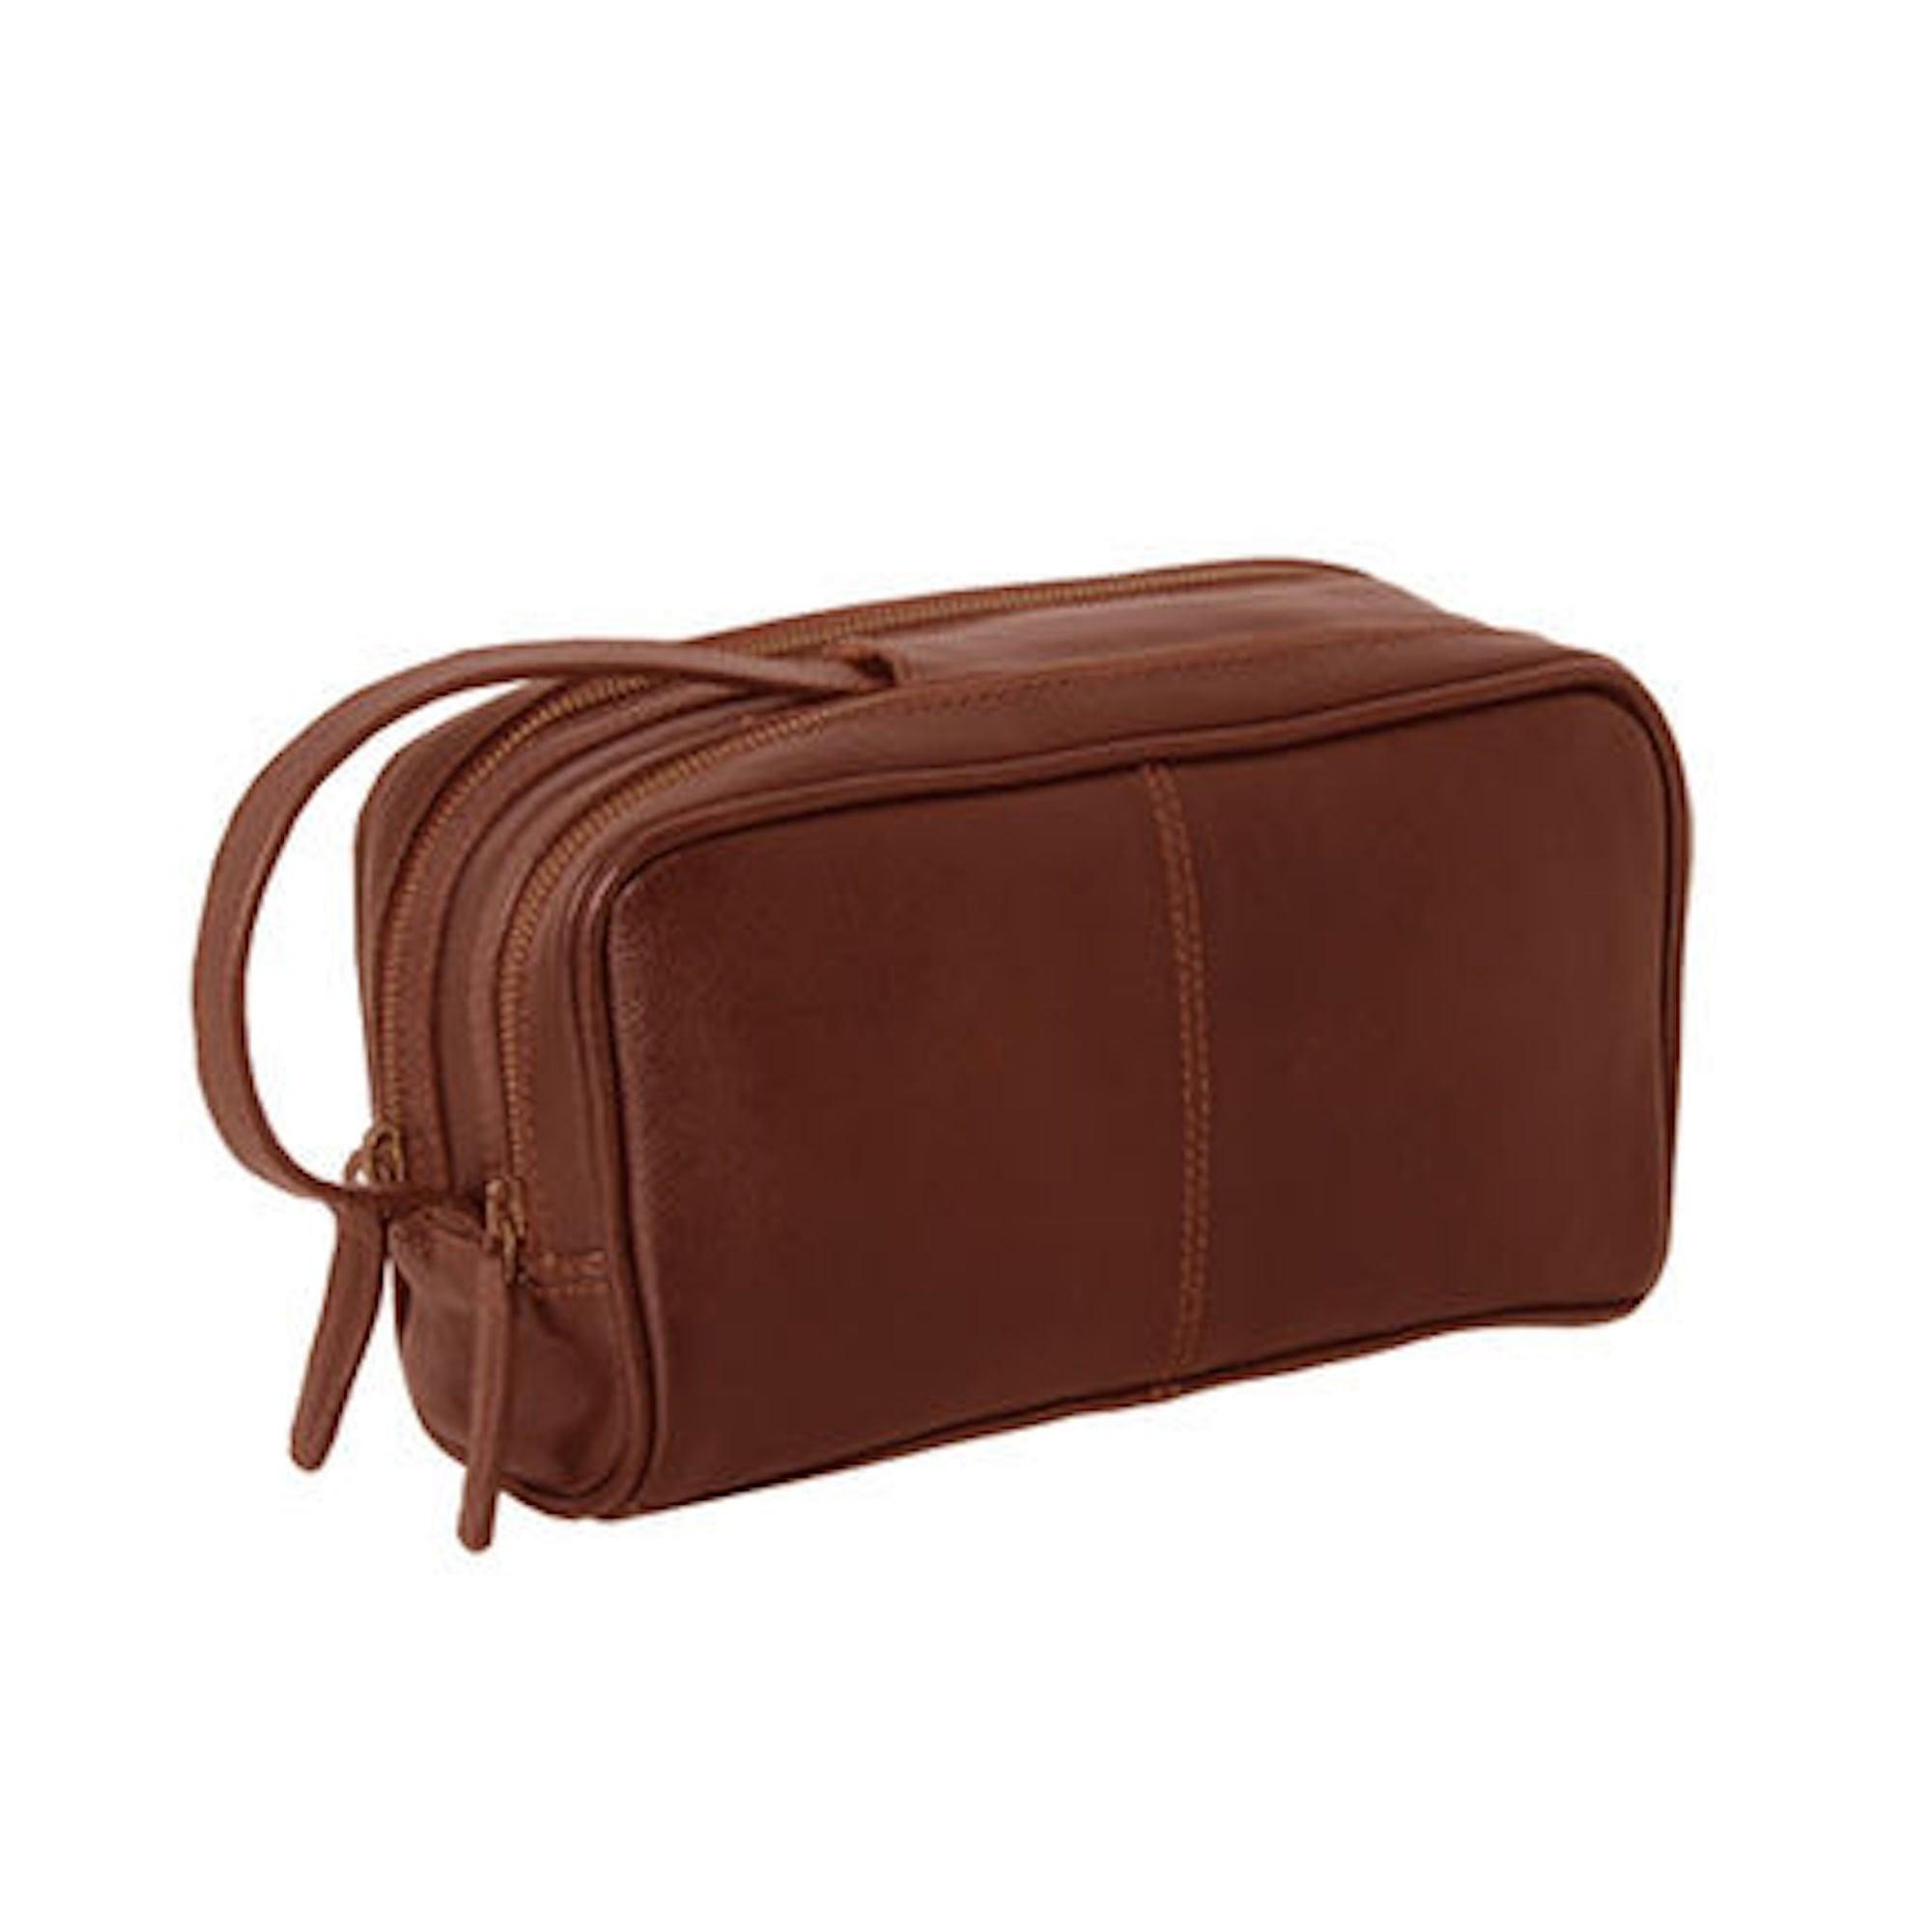 5f98837261 Ashwood Leather Double Zipped Washbag